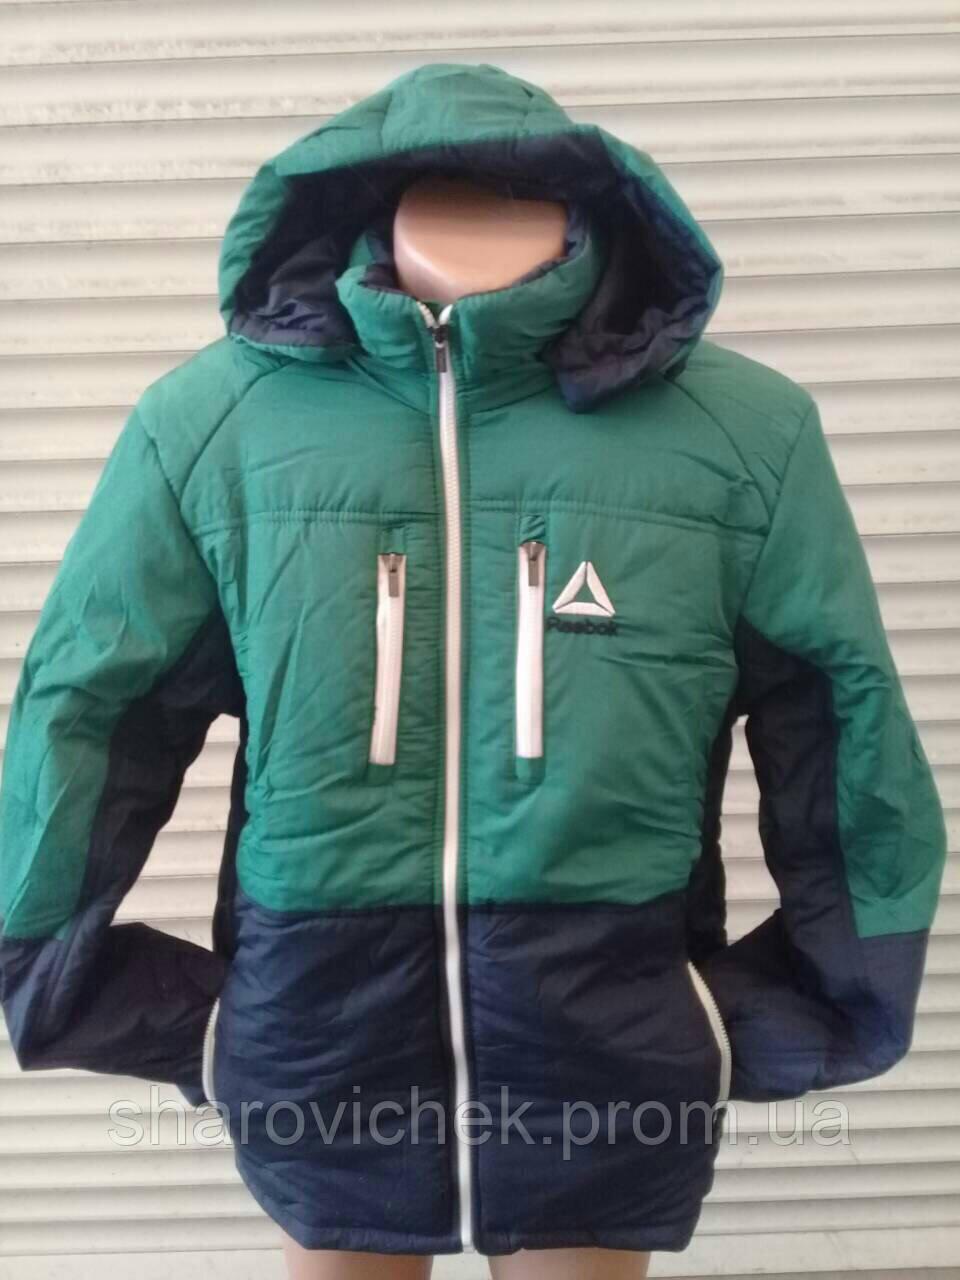 Зимняя мужская куртка Reebok (копия)  продажа, цена в Одессе. куртки  мужские от ... ce9bc5f0c41